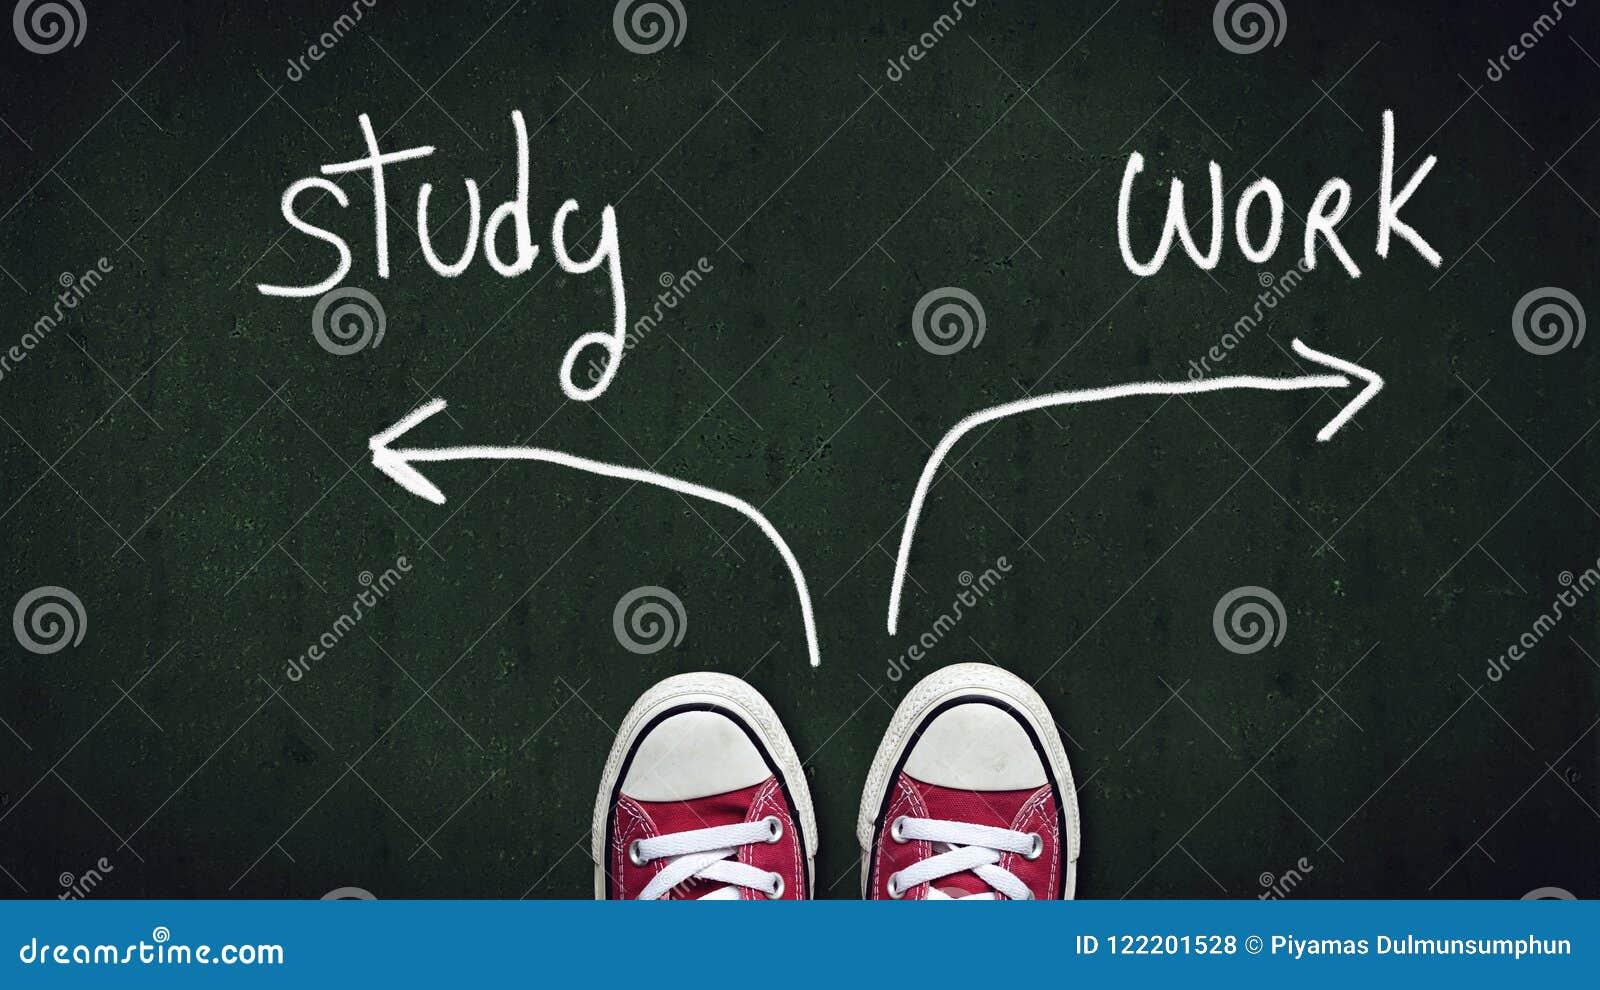 Rote Schuhe, die an der Kreuzung zwischen Arbeit oder Studienwahl stehen